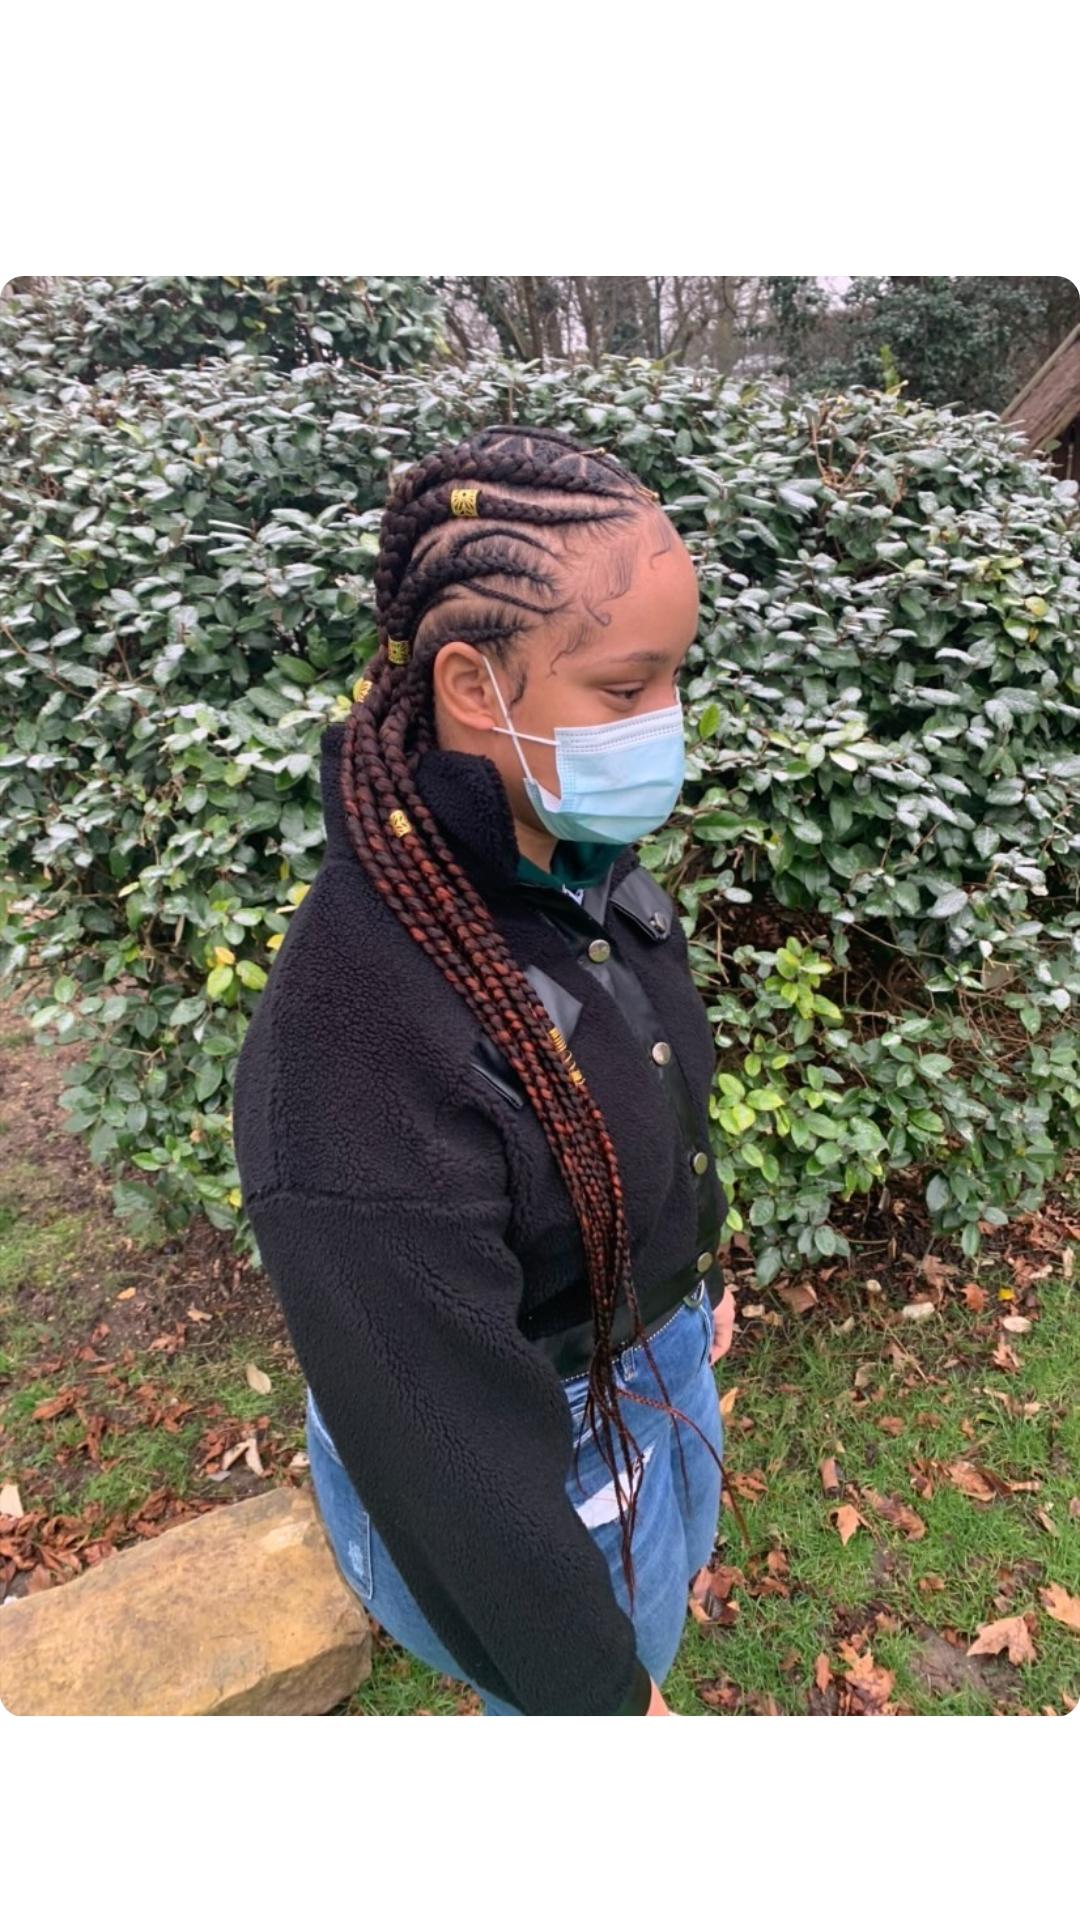 salon de coiffure afro tresse tresses box braids crochet braids vanilles tissages paris 75 77 78 91 92 93 94 95 QODQRWXU